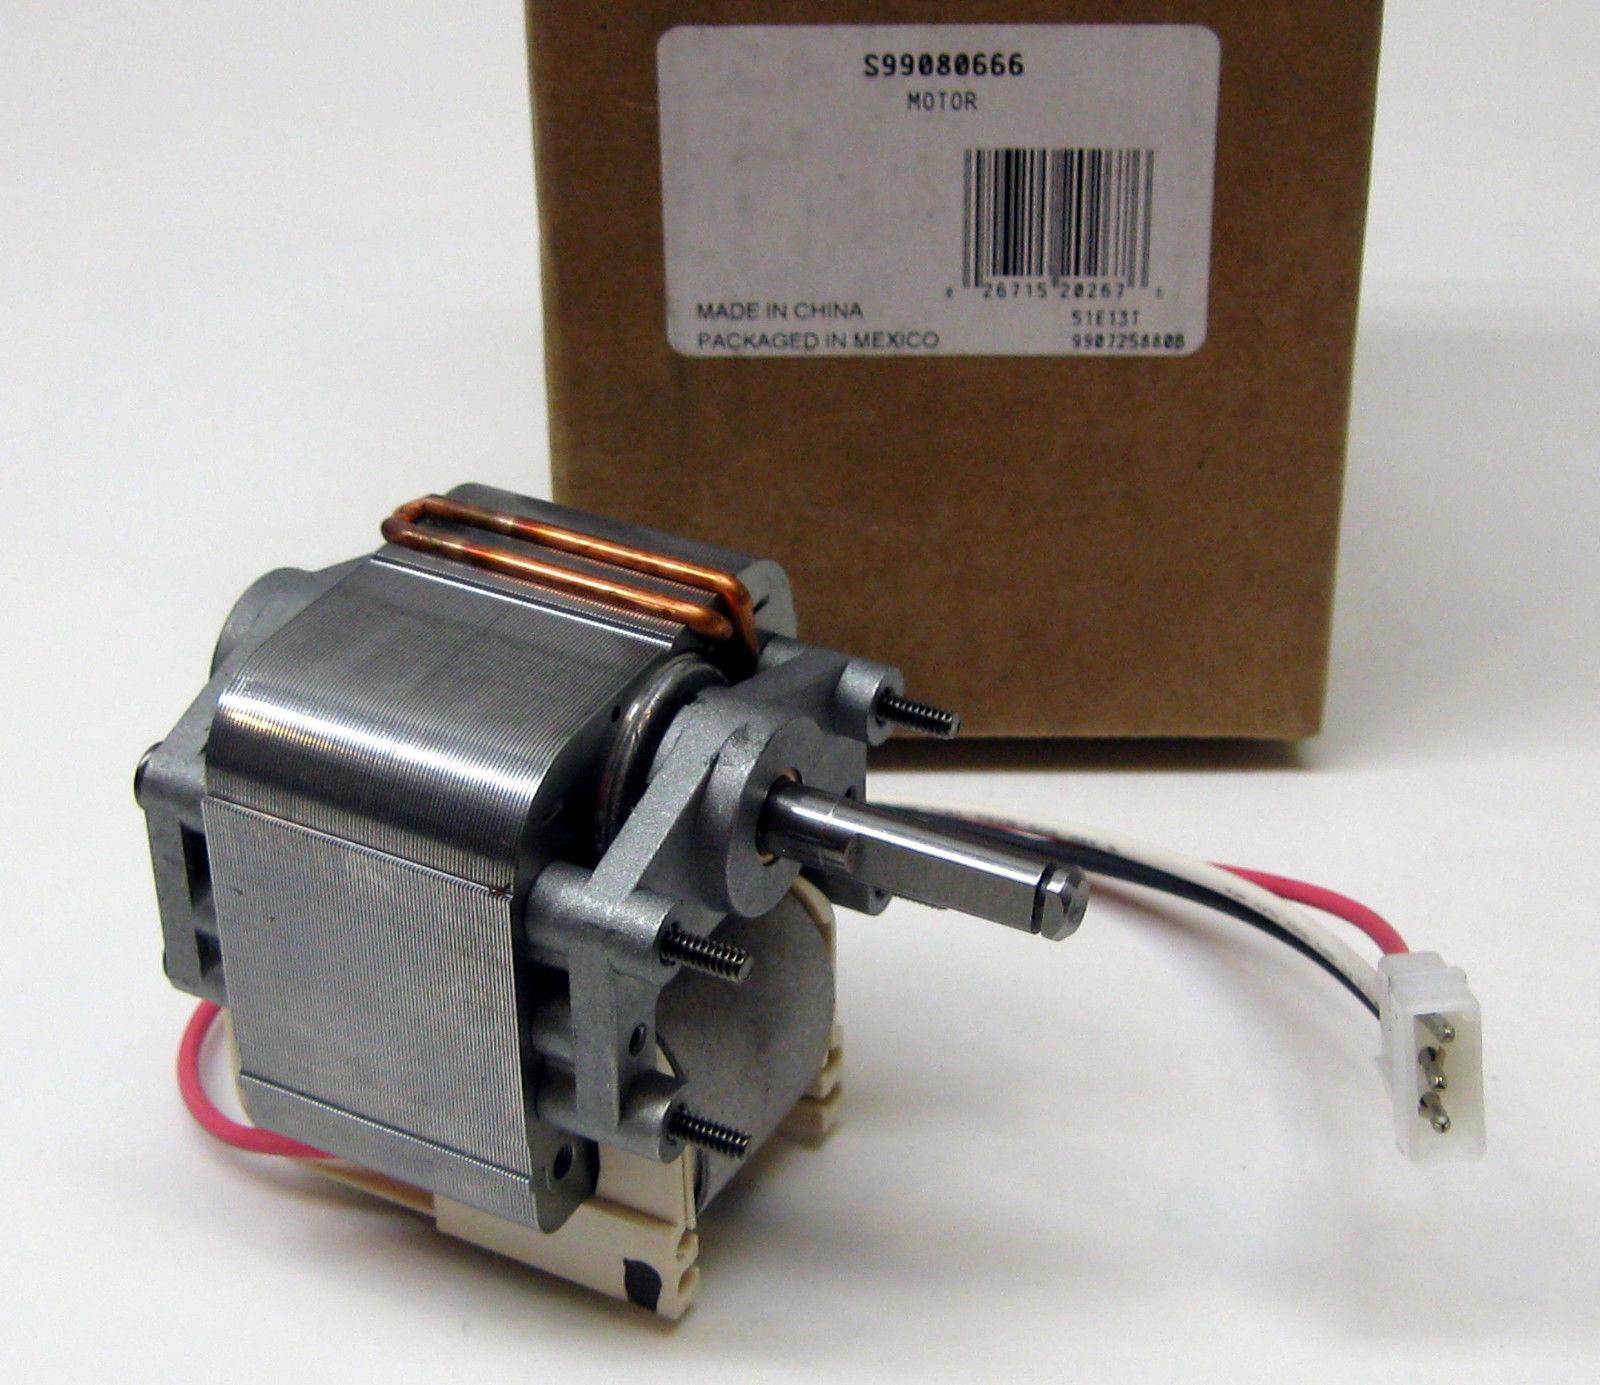 https www ebay com itm s99080666 broan nutone vent fan motor jesp 61k38 99080666 120 volts 2 speed 151854390324